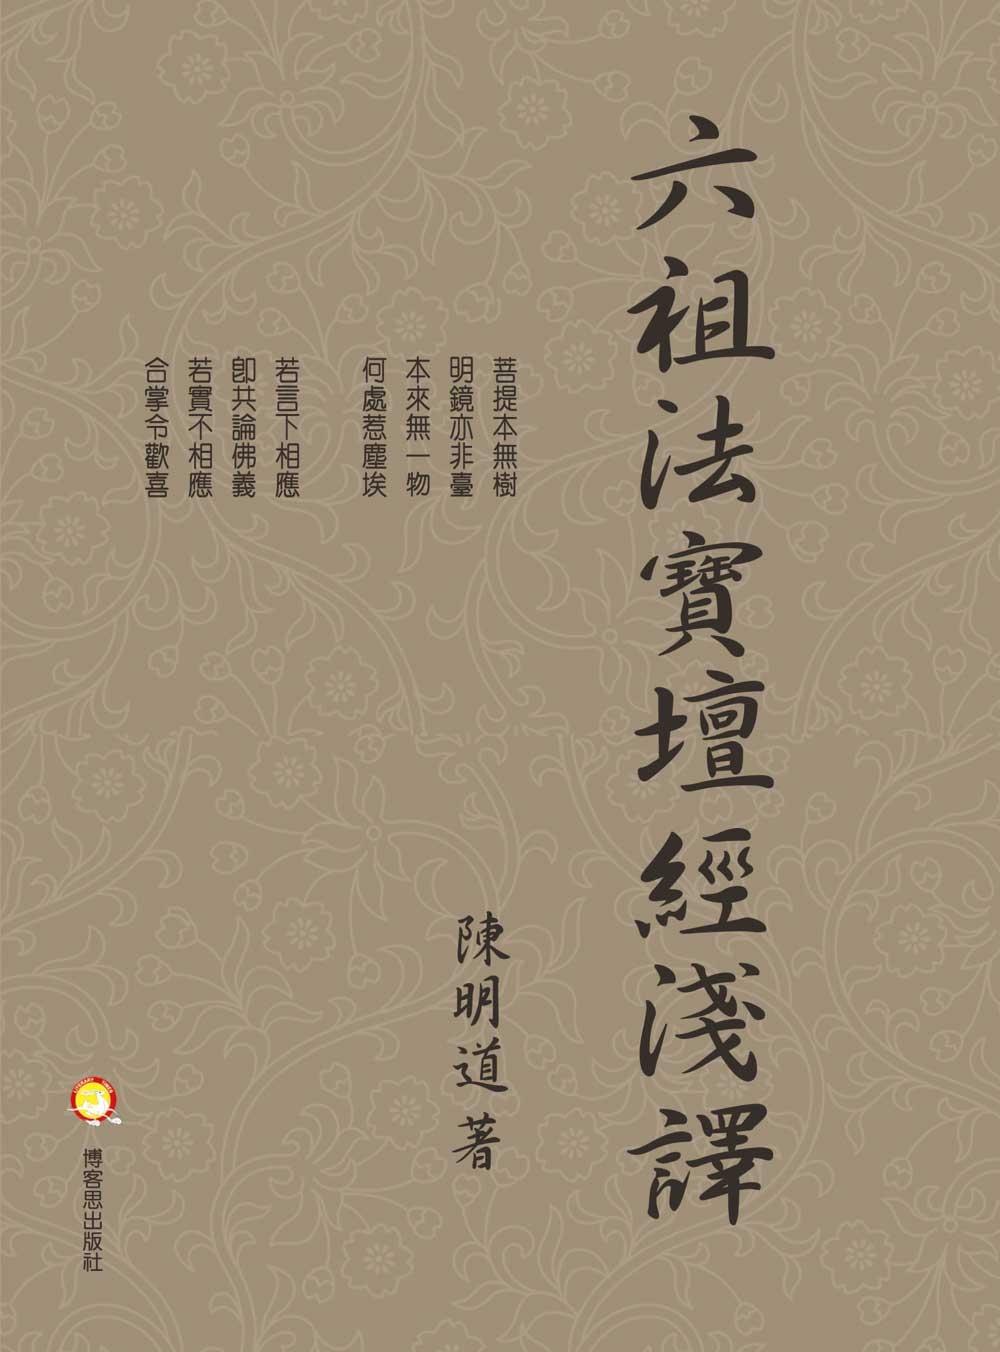 六祖法寶壇經淺譯